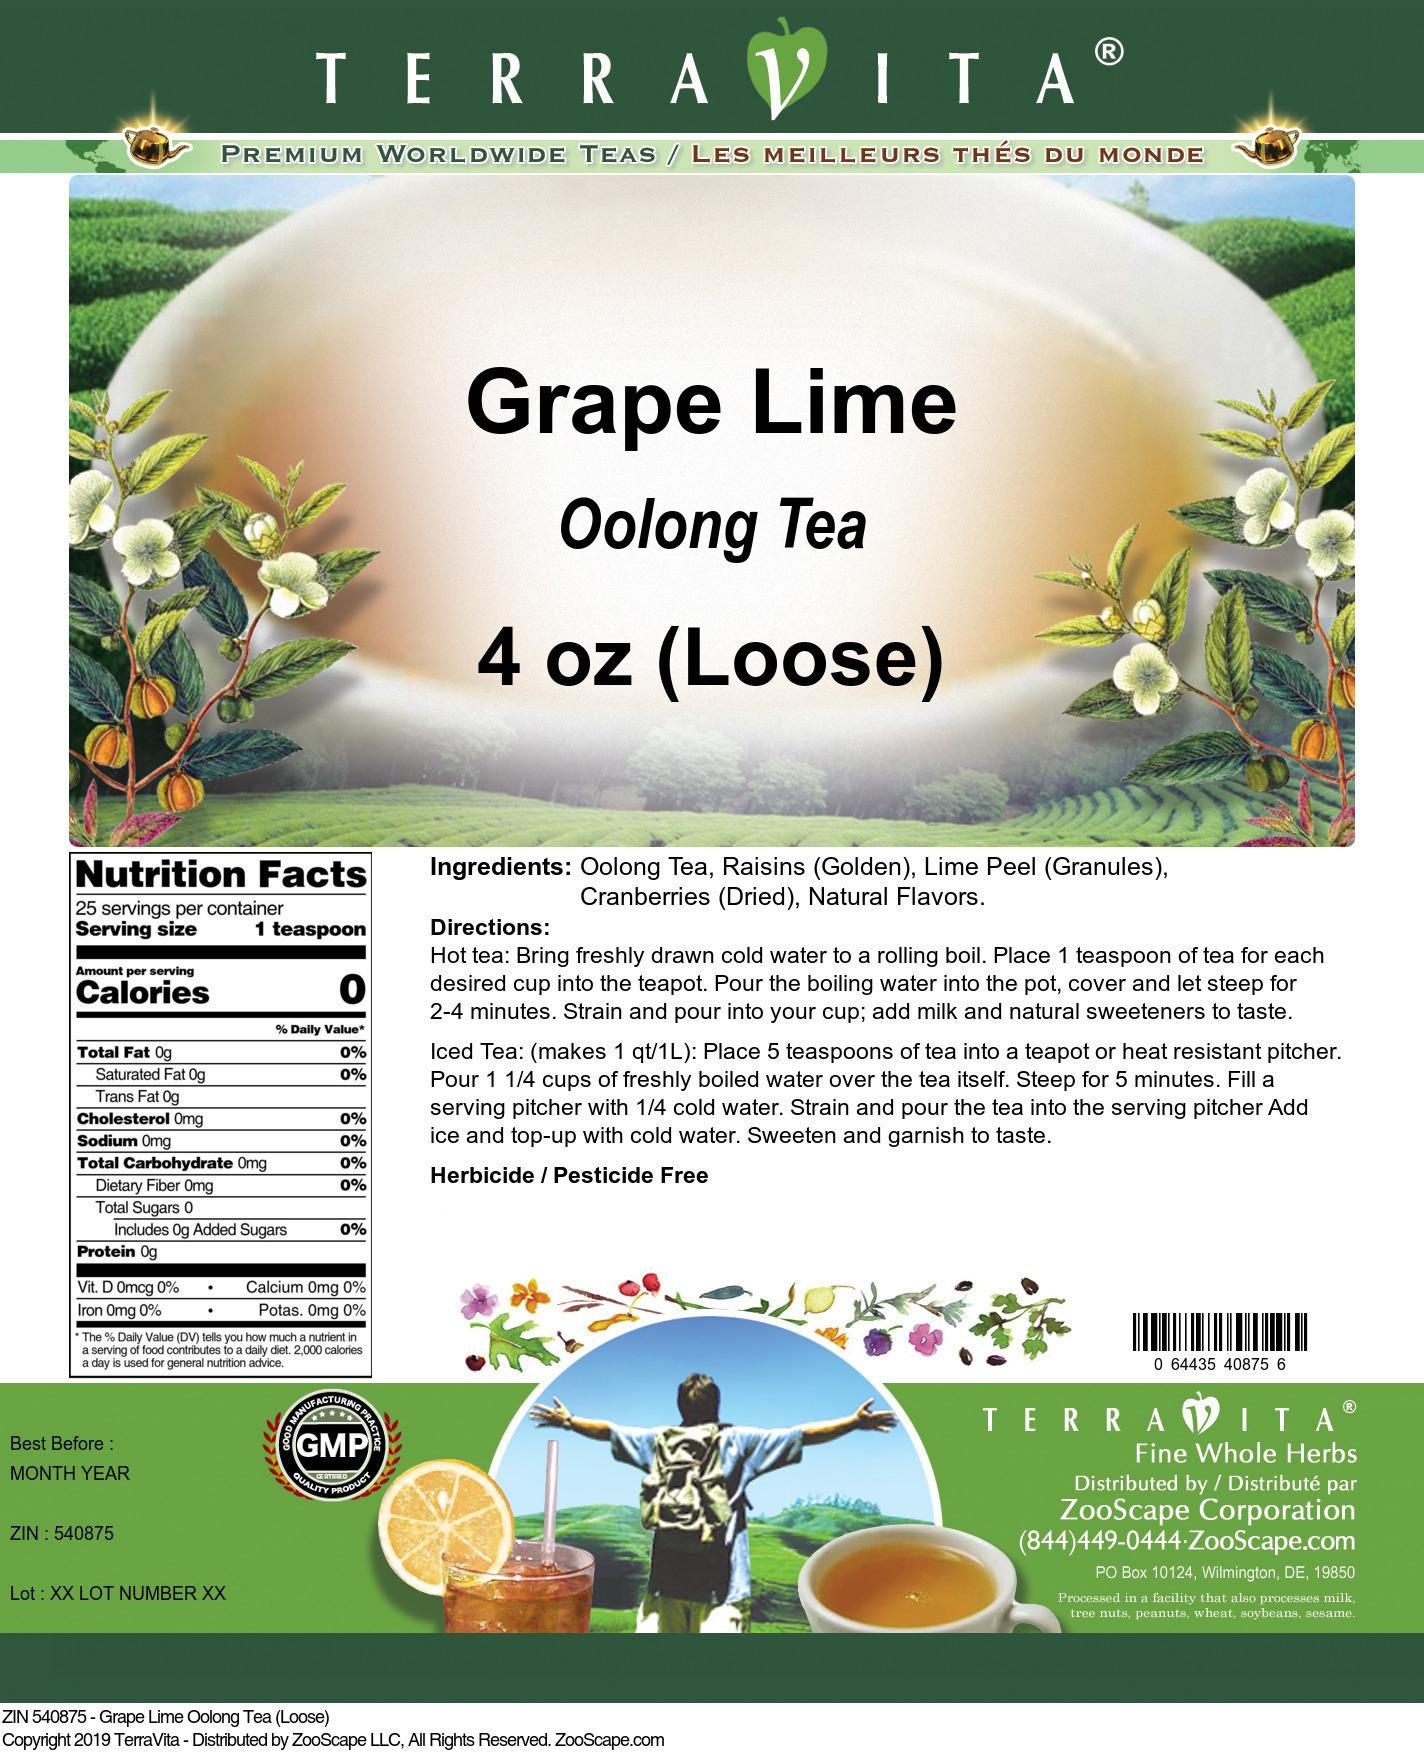 Grape Lime Oolong Tea